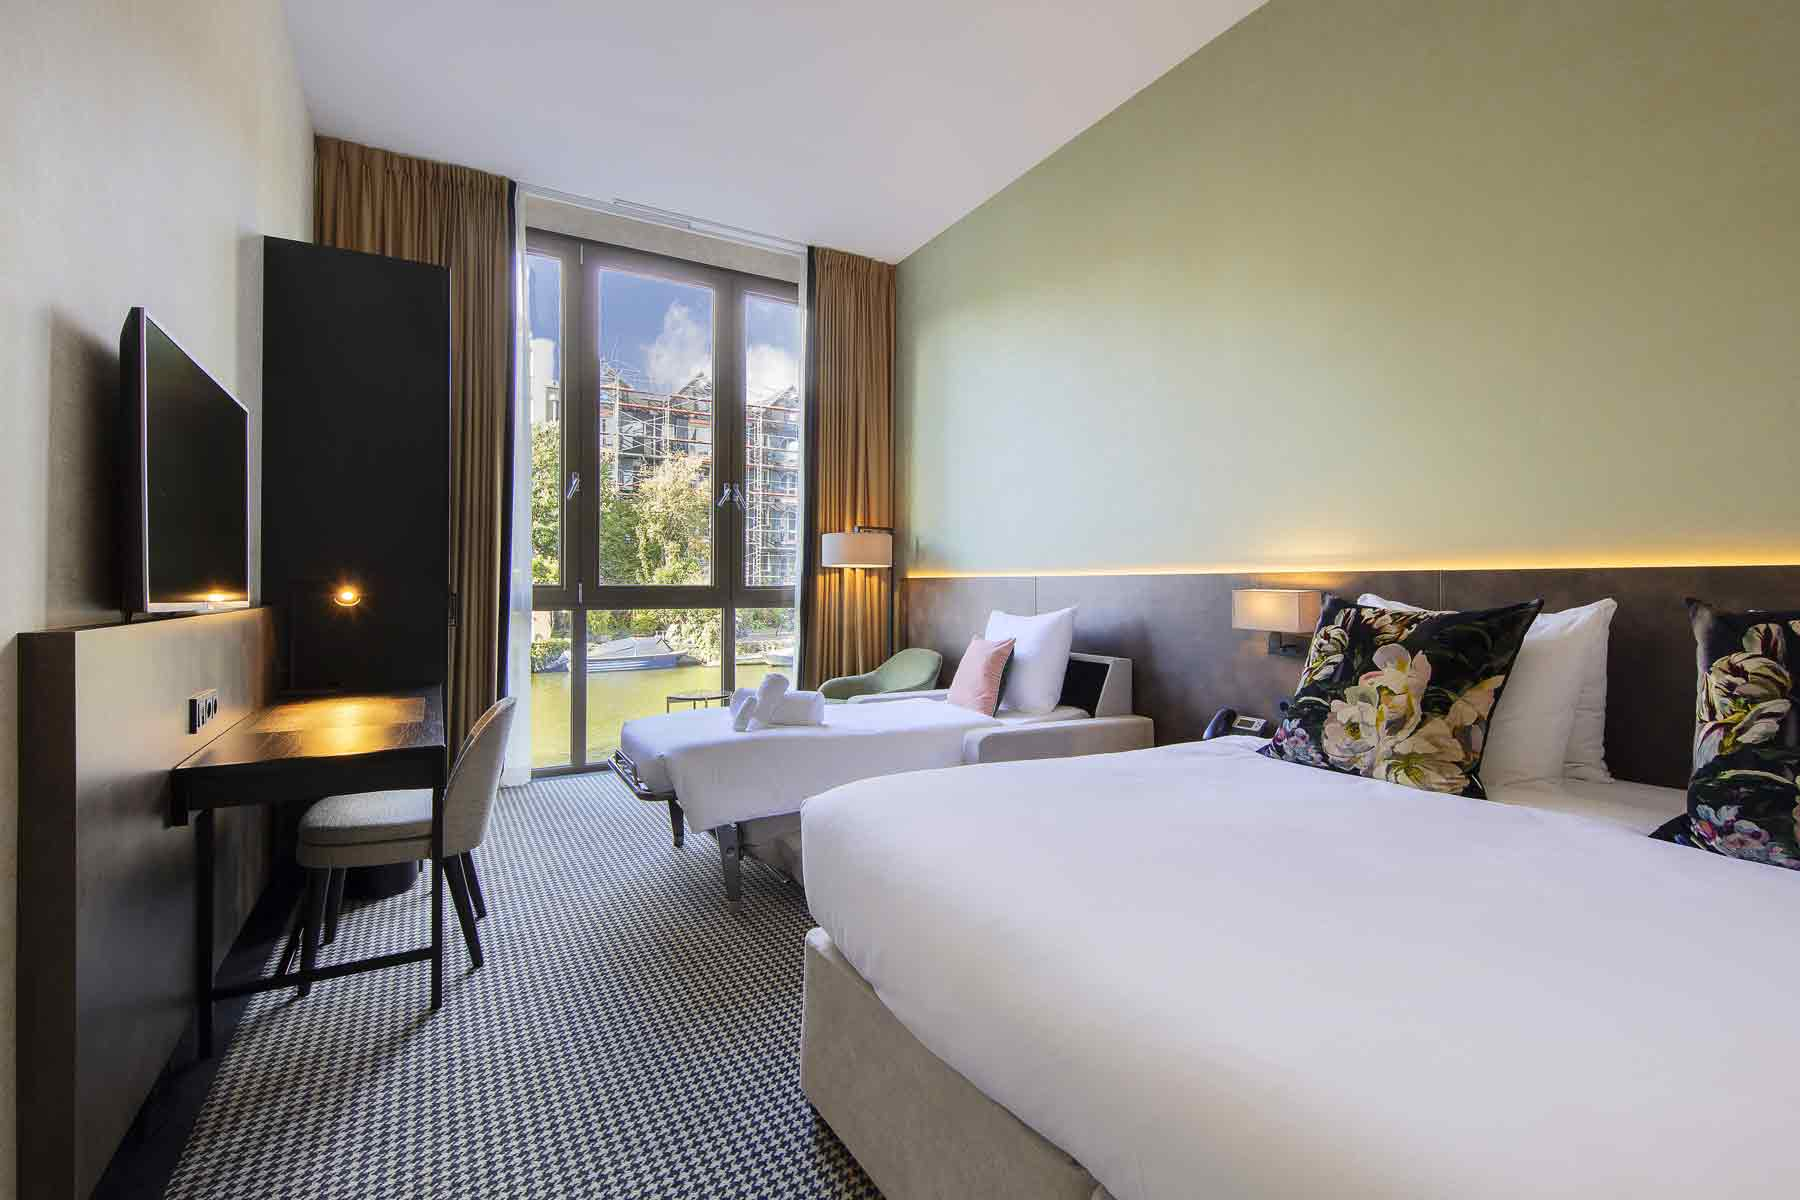 monet-garden-hotel-amsterdam